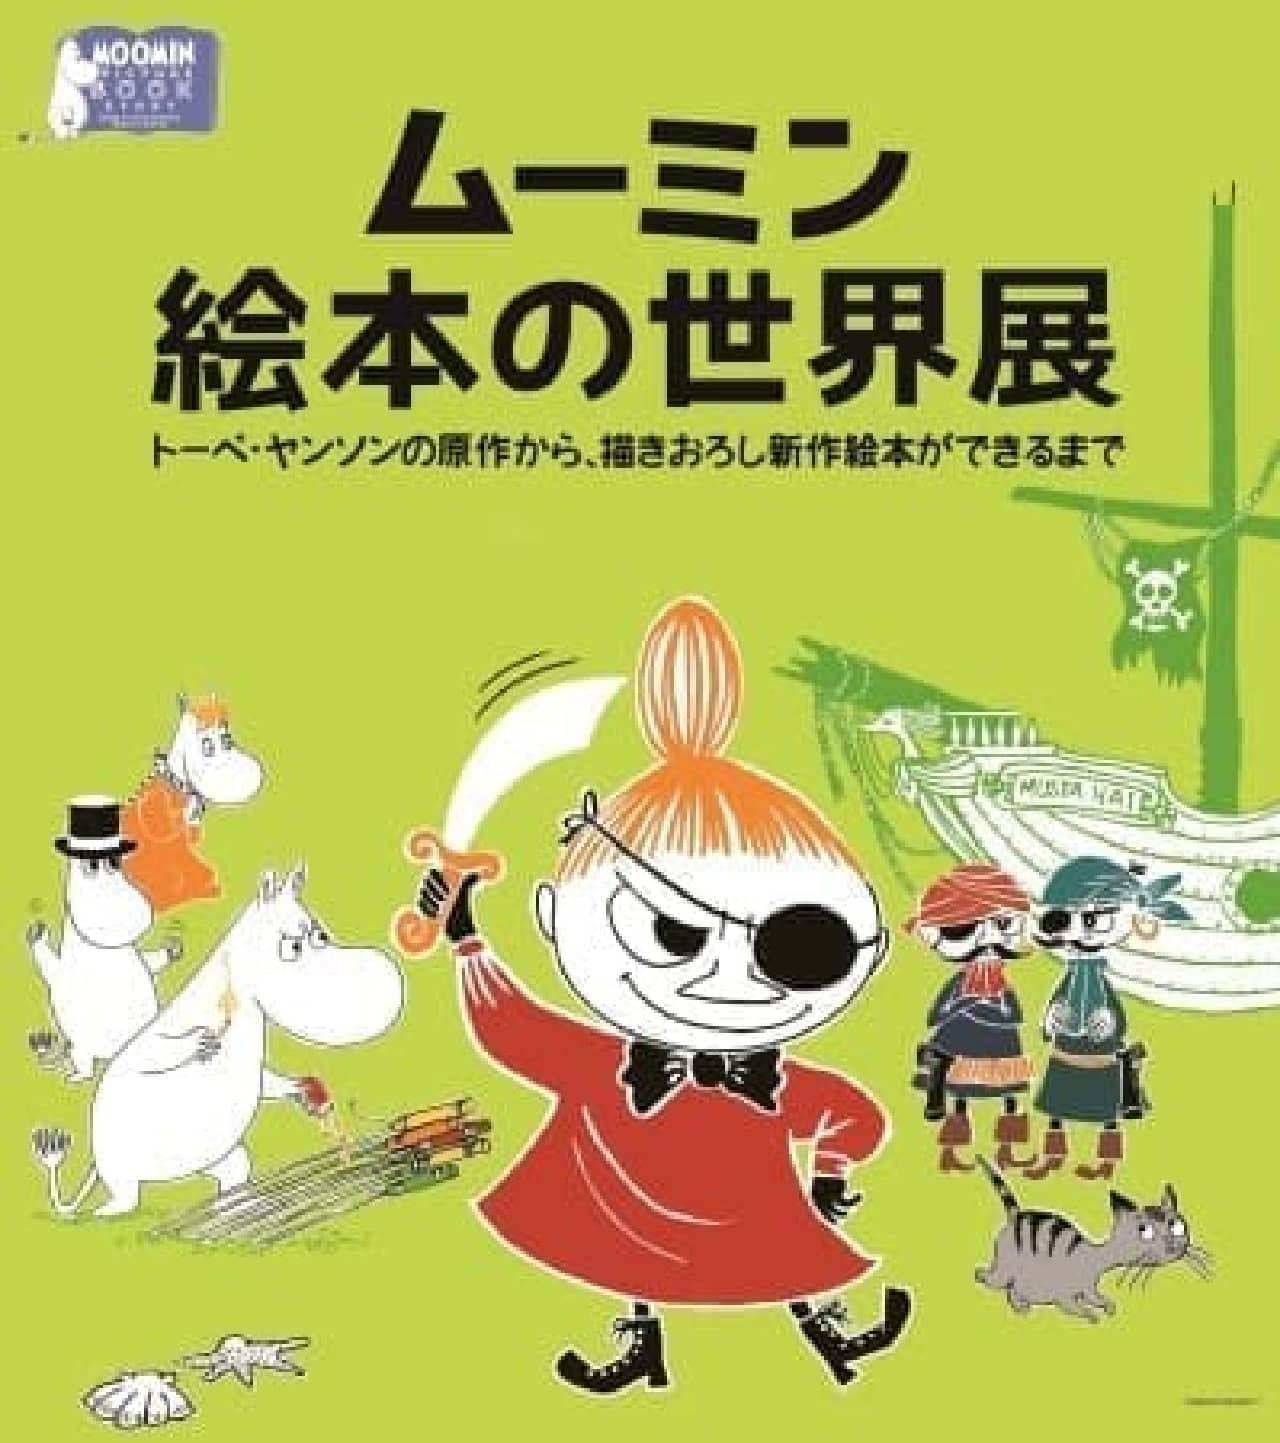 松屋銀座「ムーミン絵本の世界展」